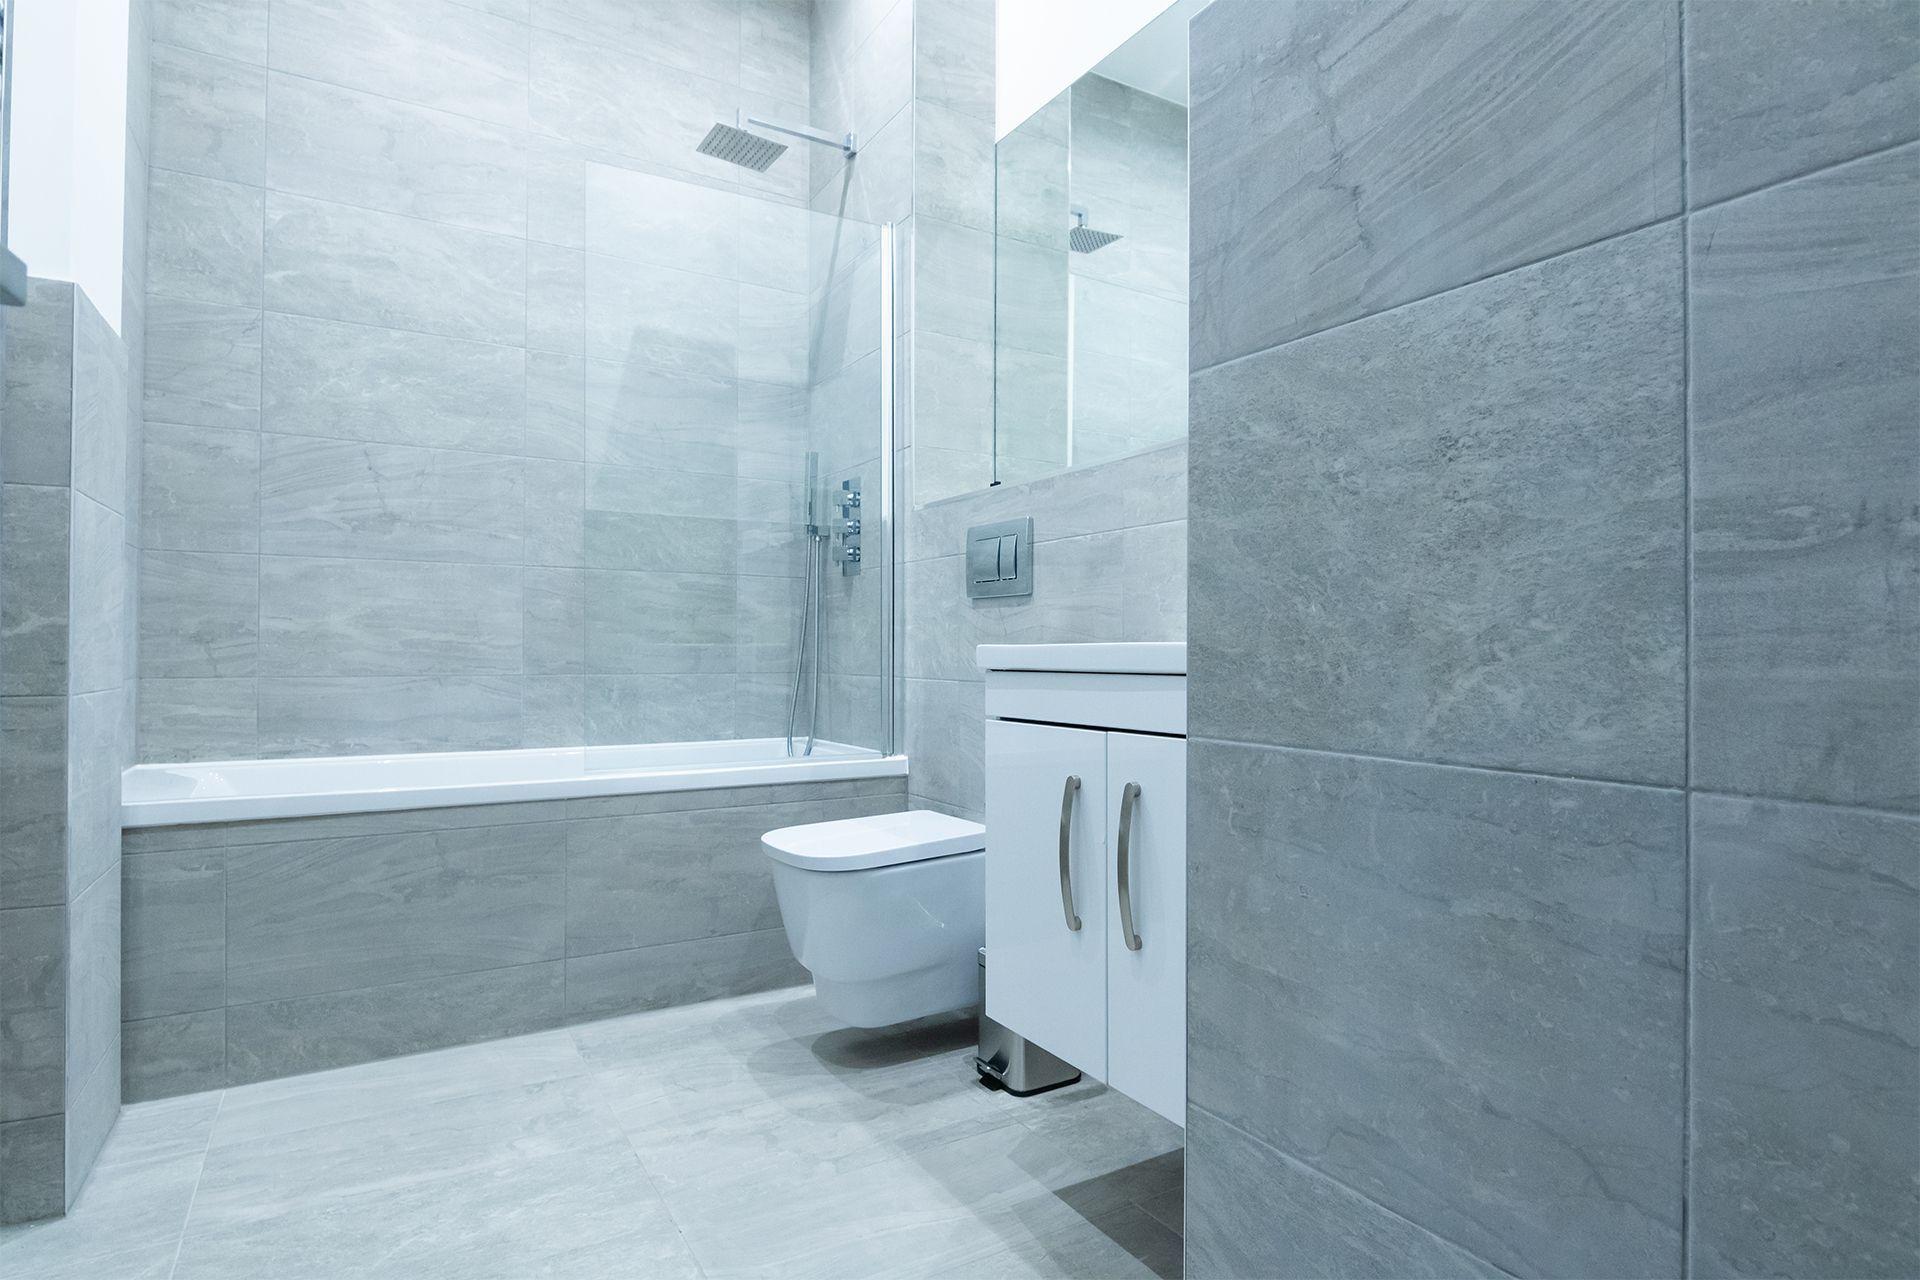 Studio apartment to rent in London VIL-TU-0026